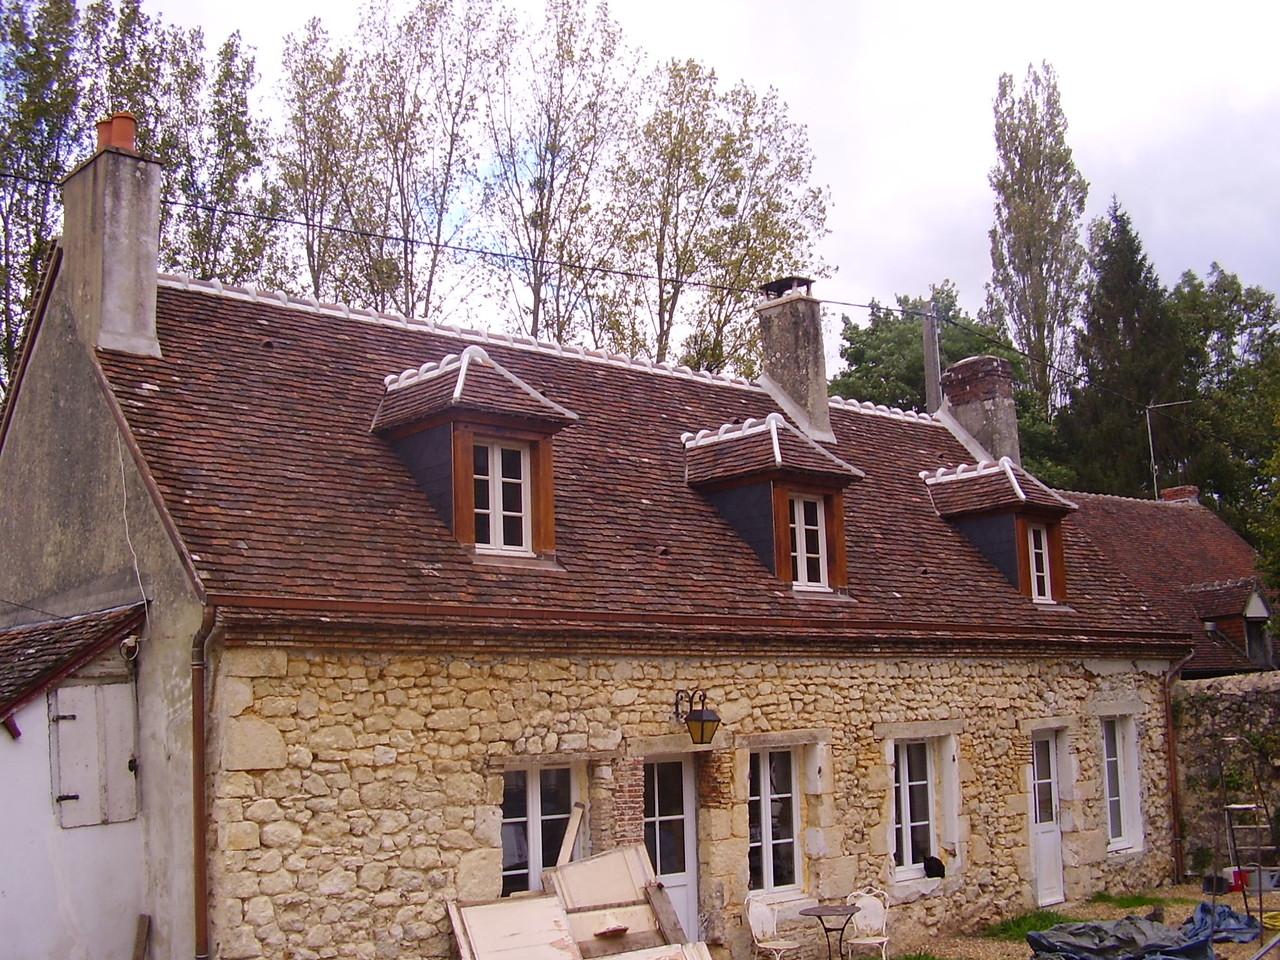 Maison après réfection de la toiture